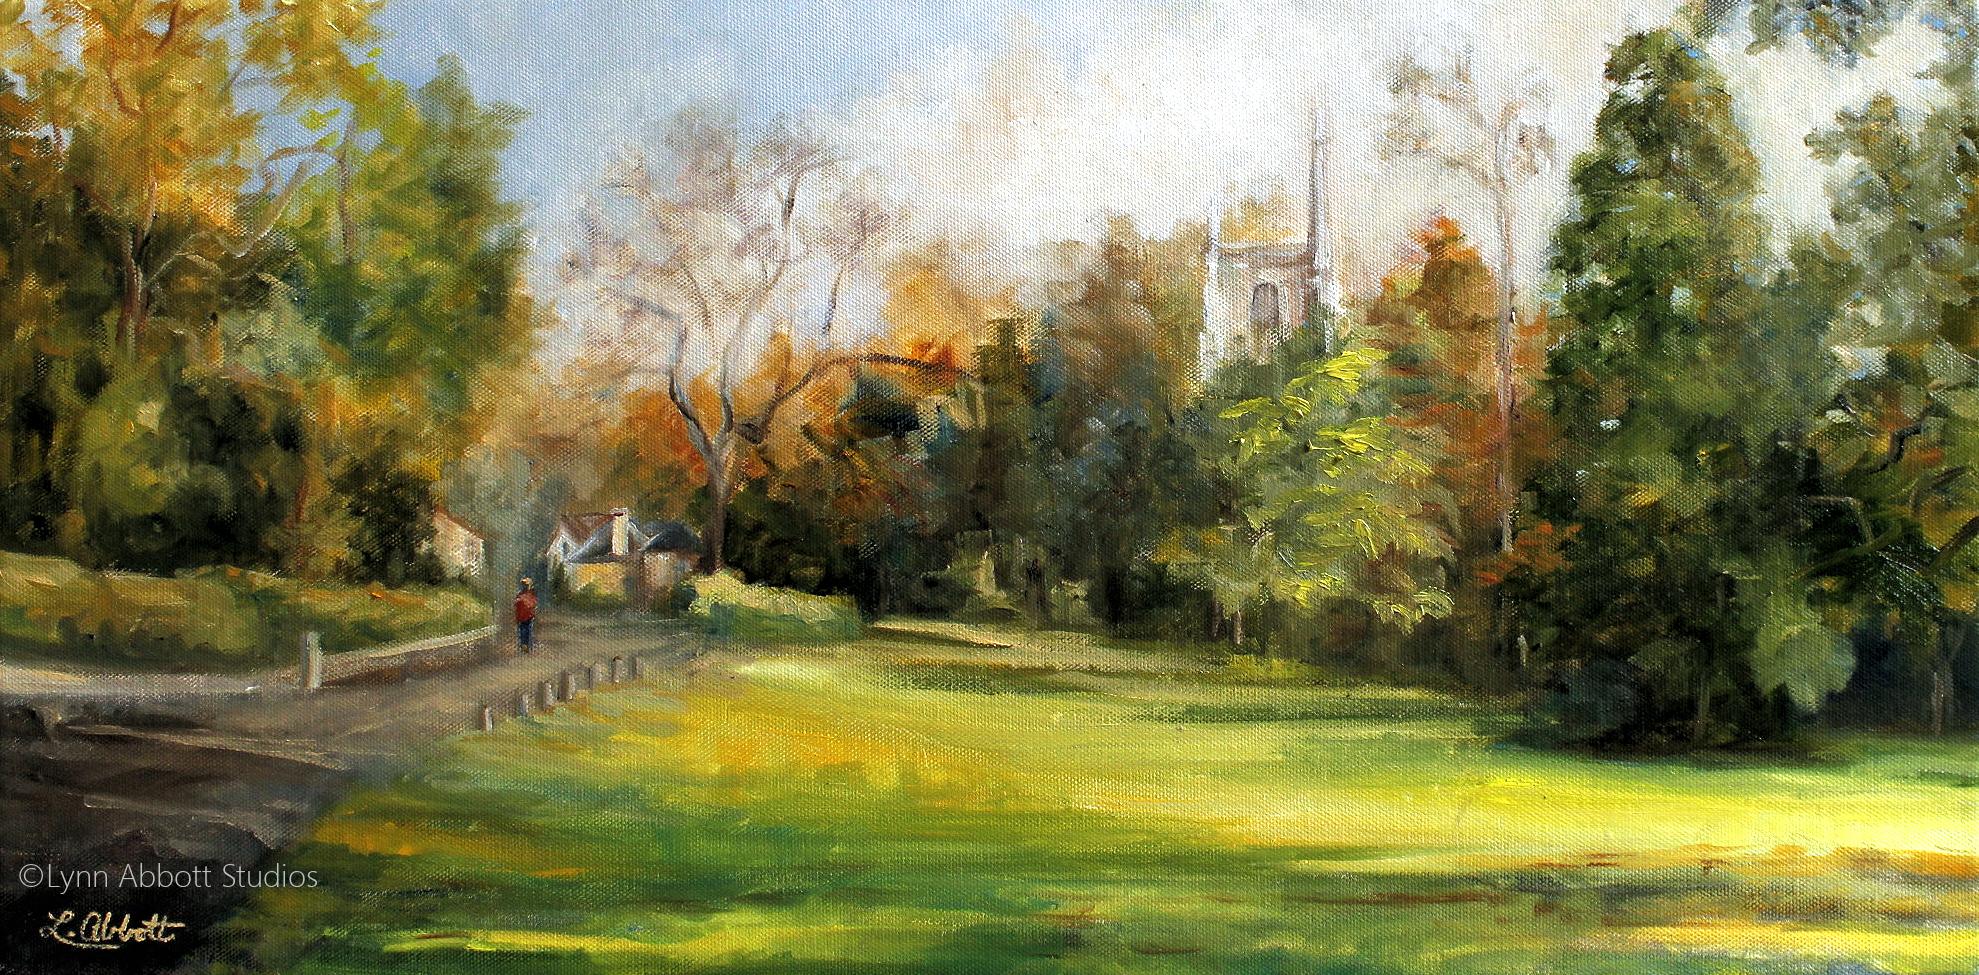 Village Green, Lynn Abbott